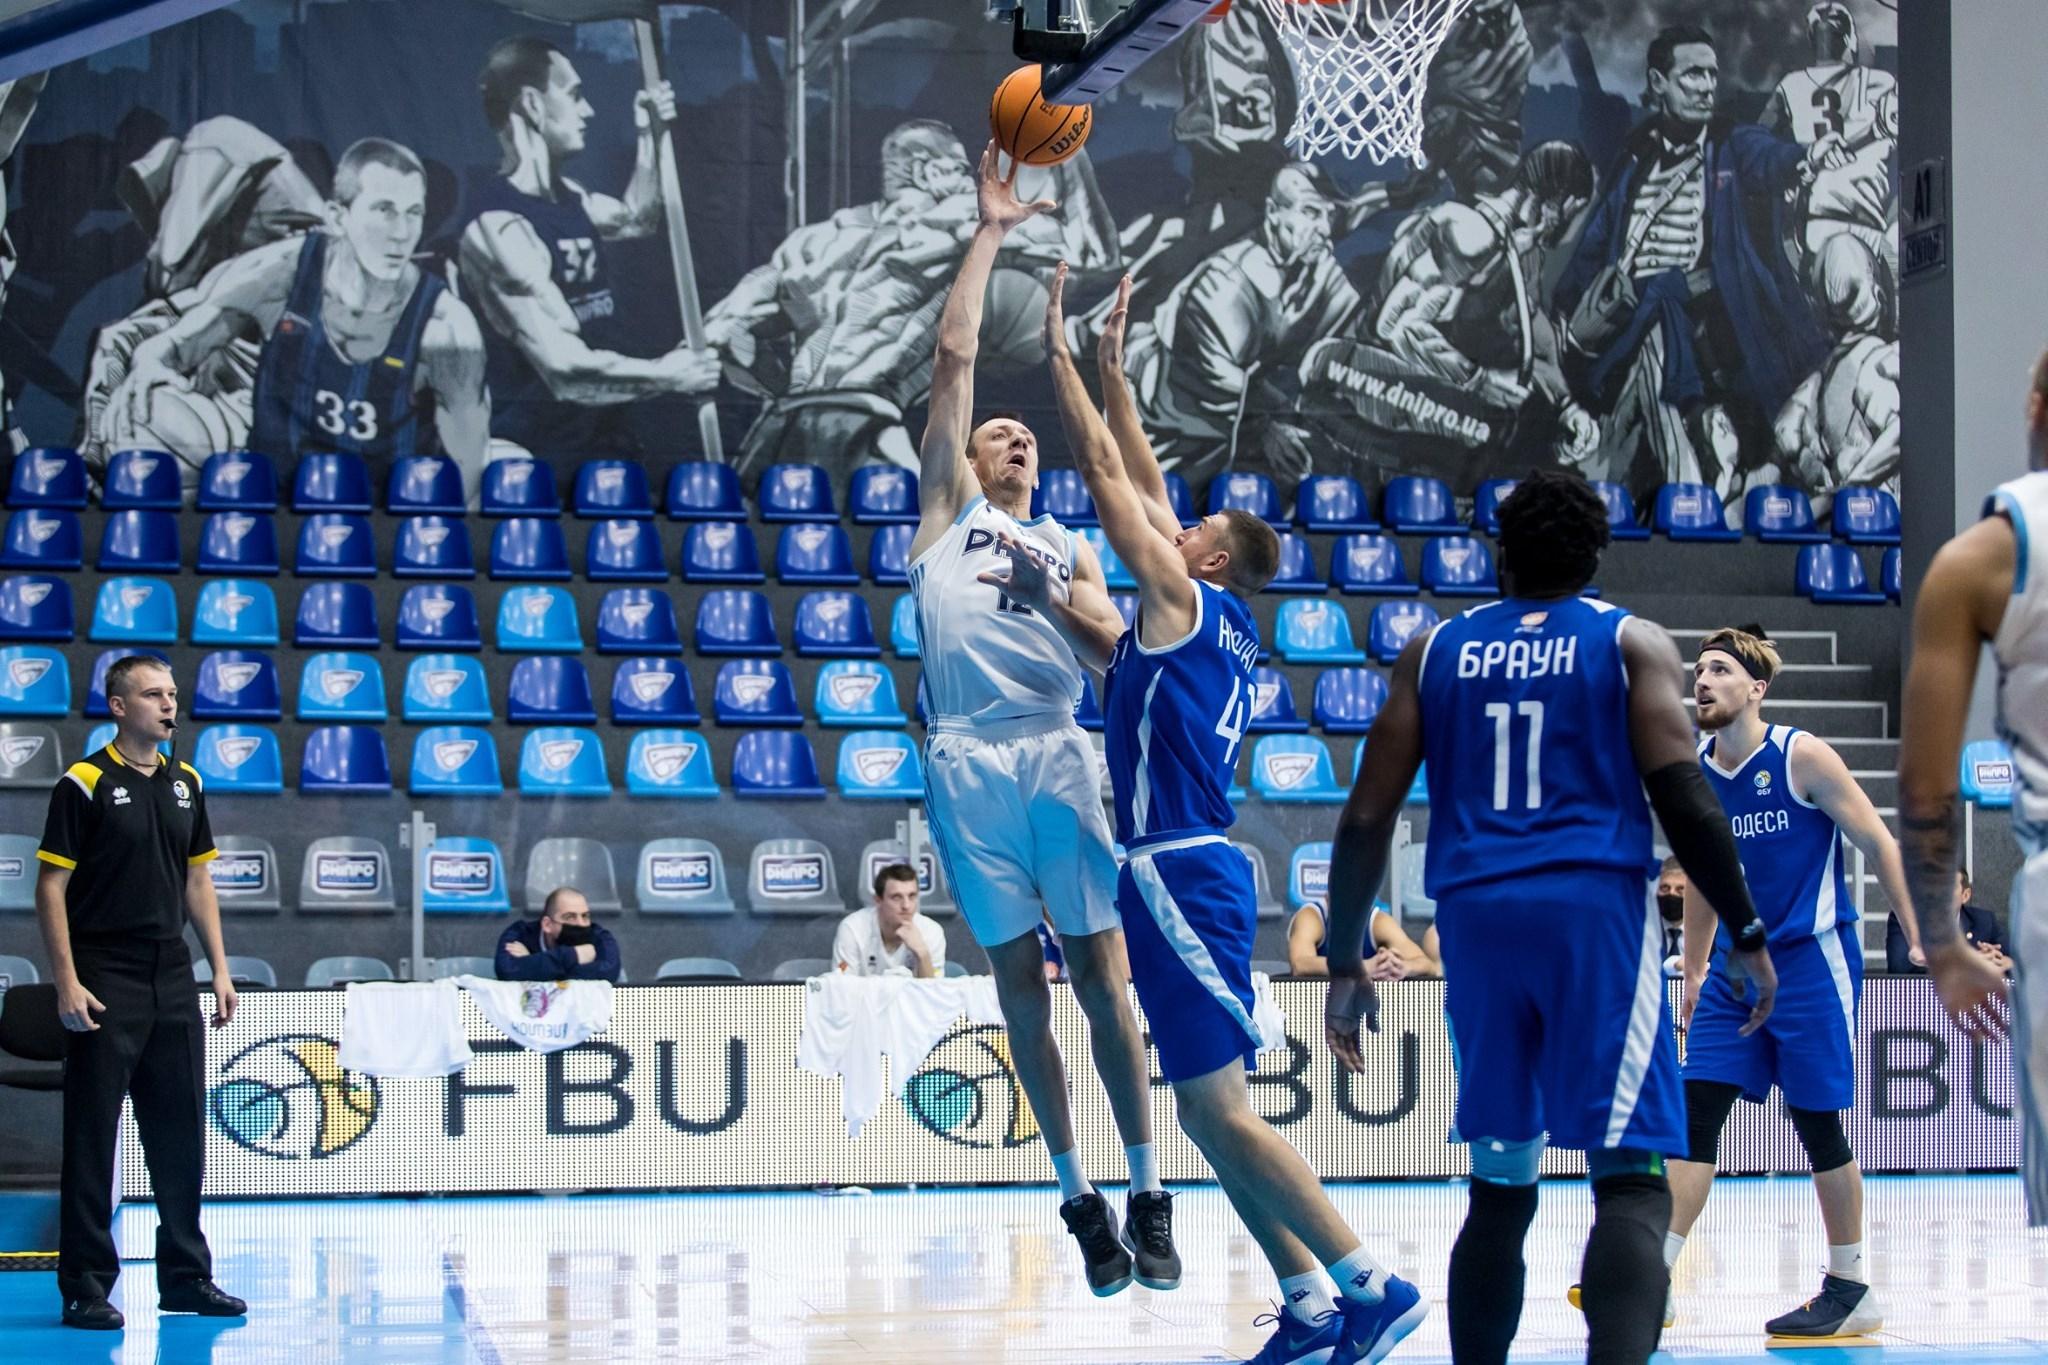 1/8 финала Кубка Украины по баскетболу: анонс матчей 4 декабря